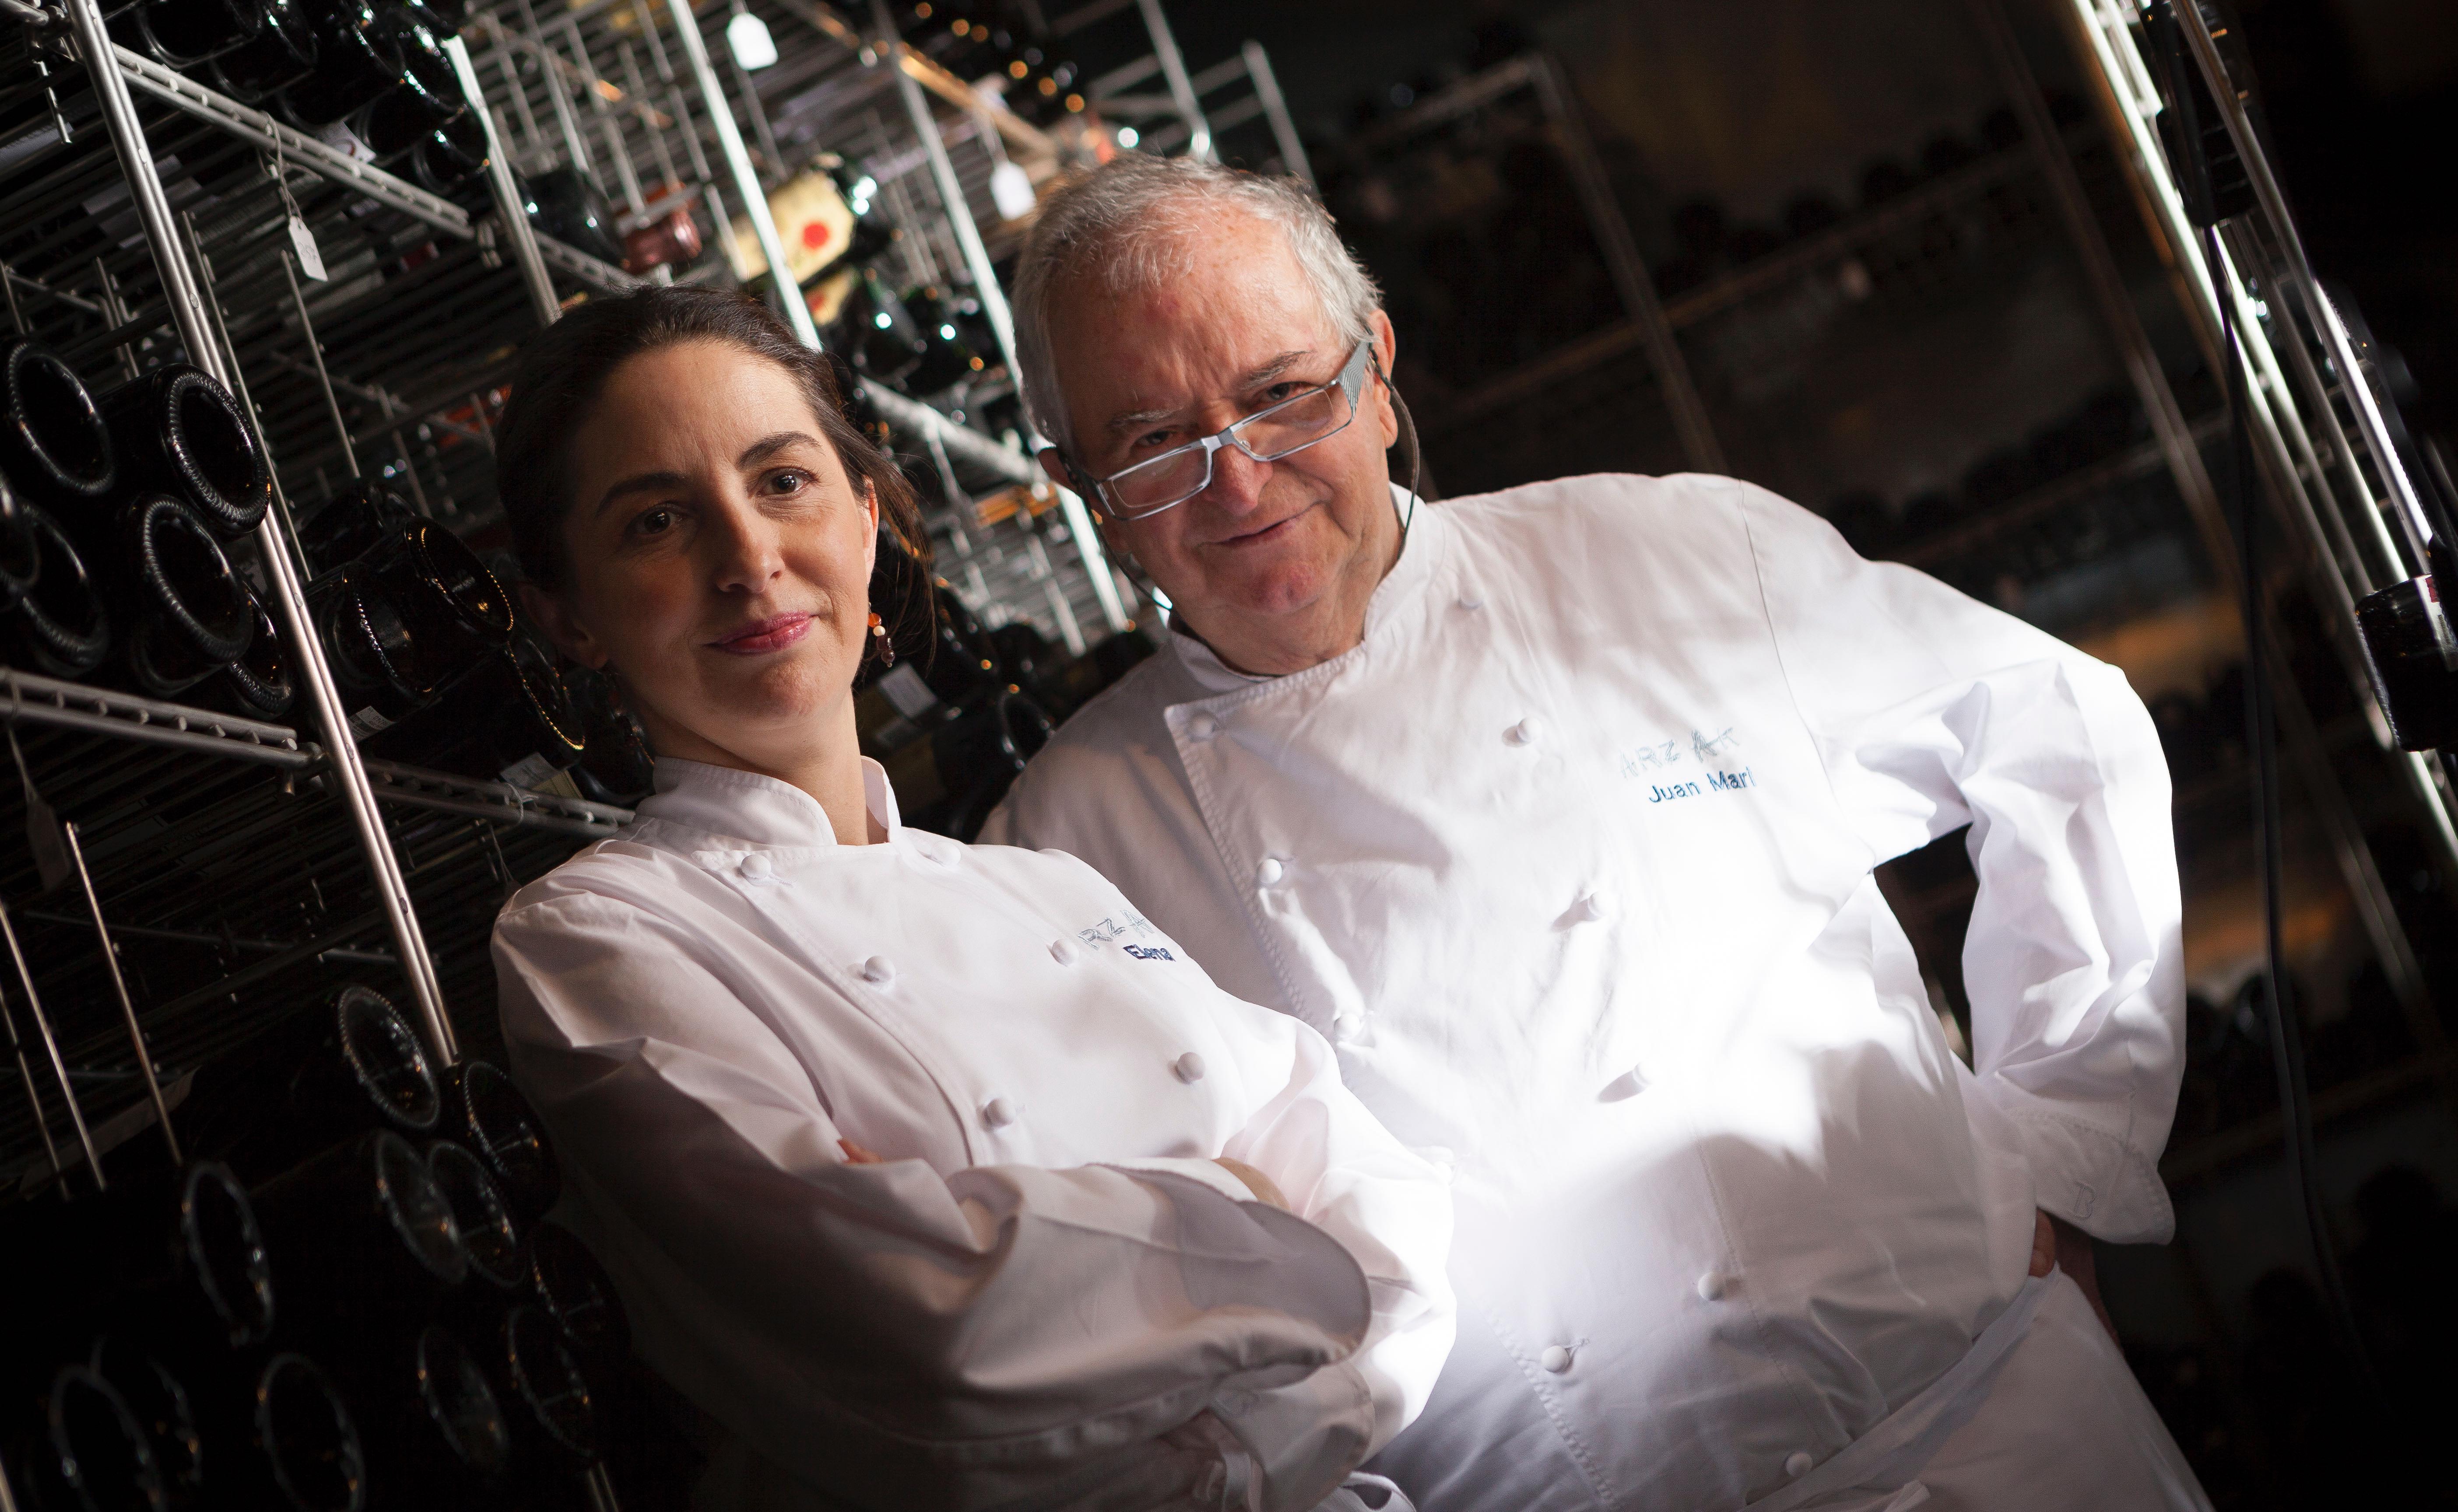 Elena & Juan-Mari Arzak